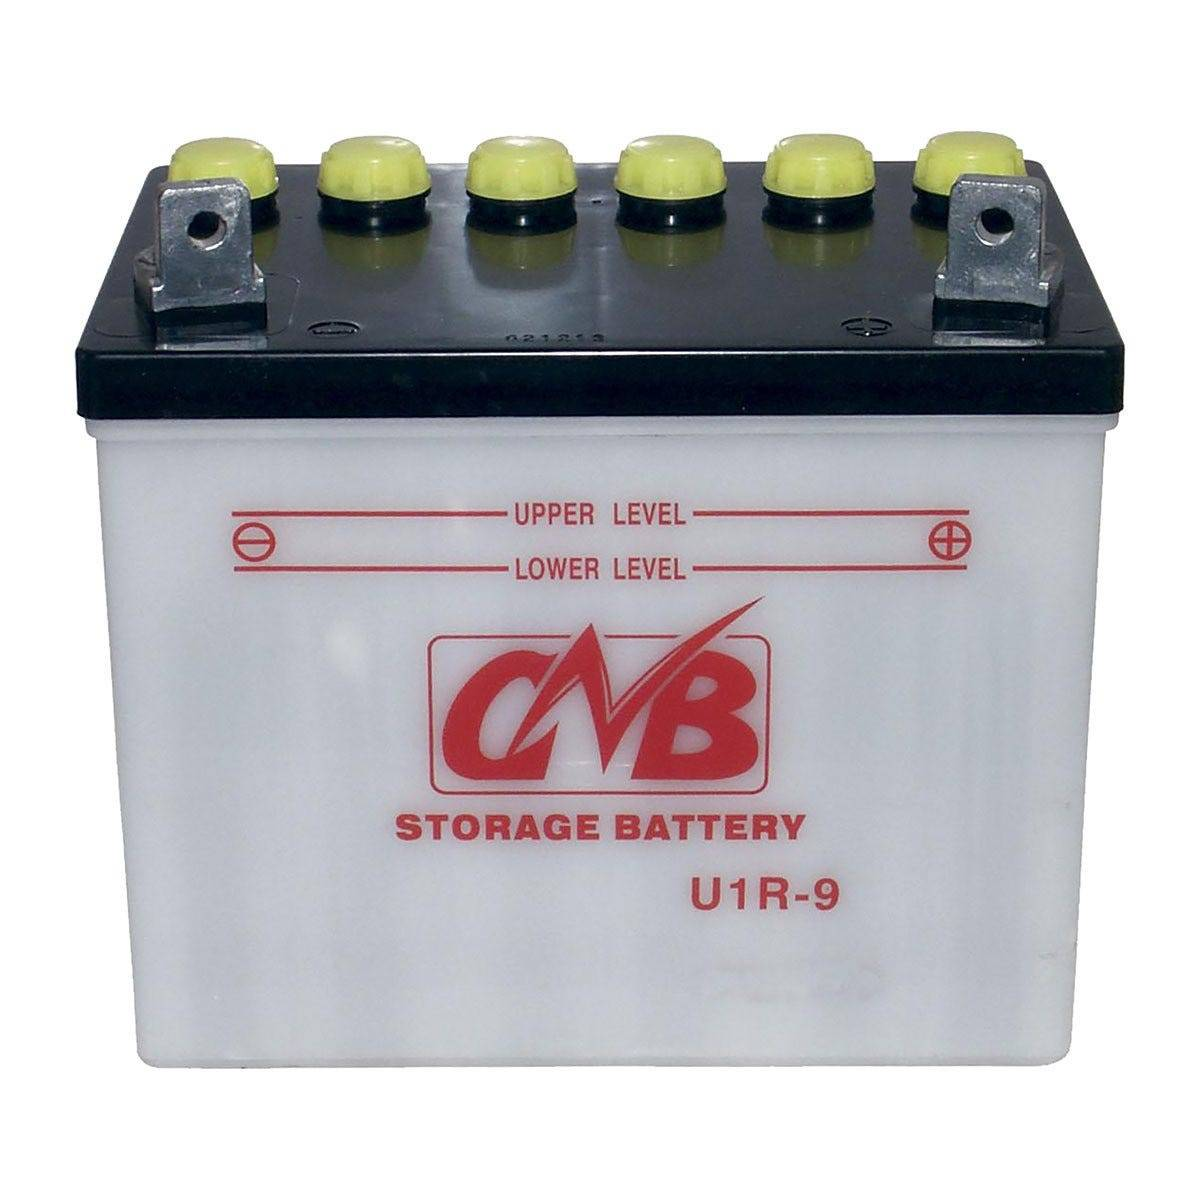 Batteria Per Trattorino 12 V 24 A Polo Positivo Destro L197xh180xp131 Mm Peso 5 Kg